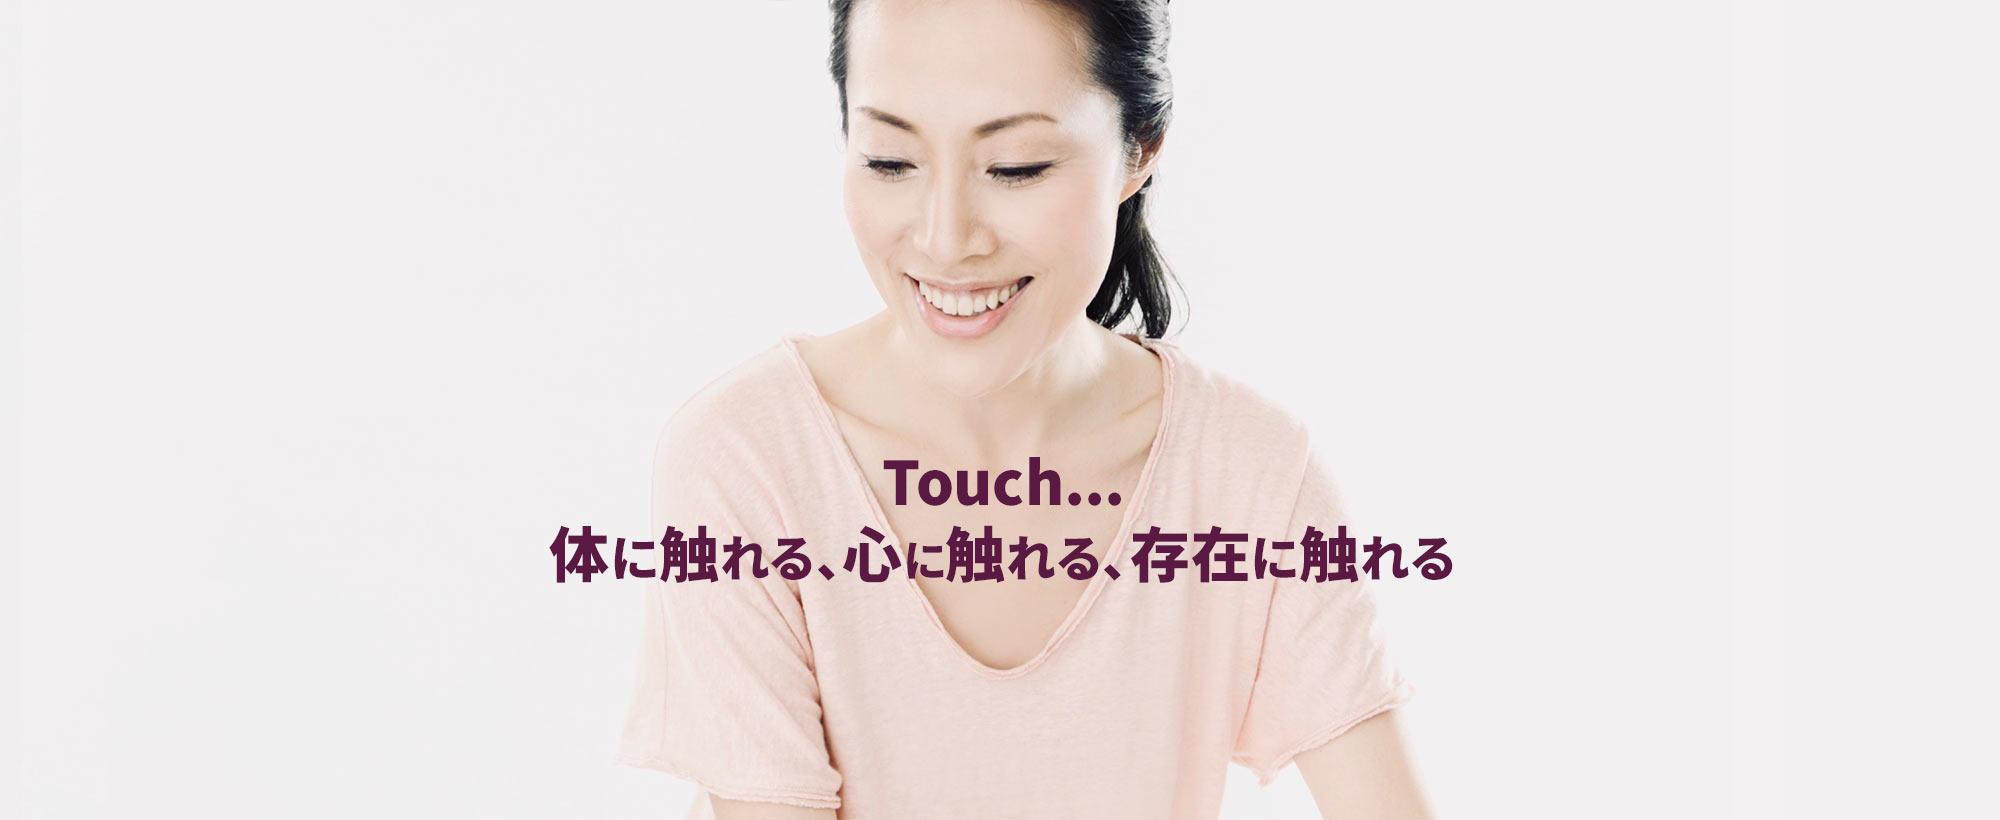 Touch... 体に触れる、心に触れる、存在に触れる